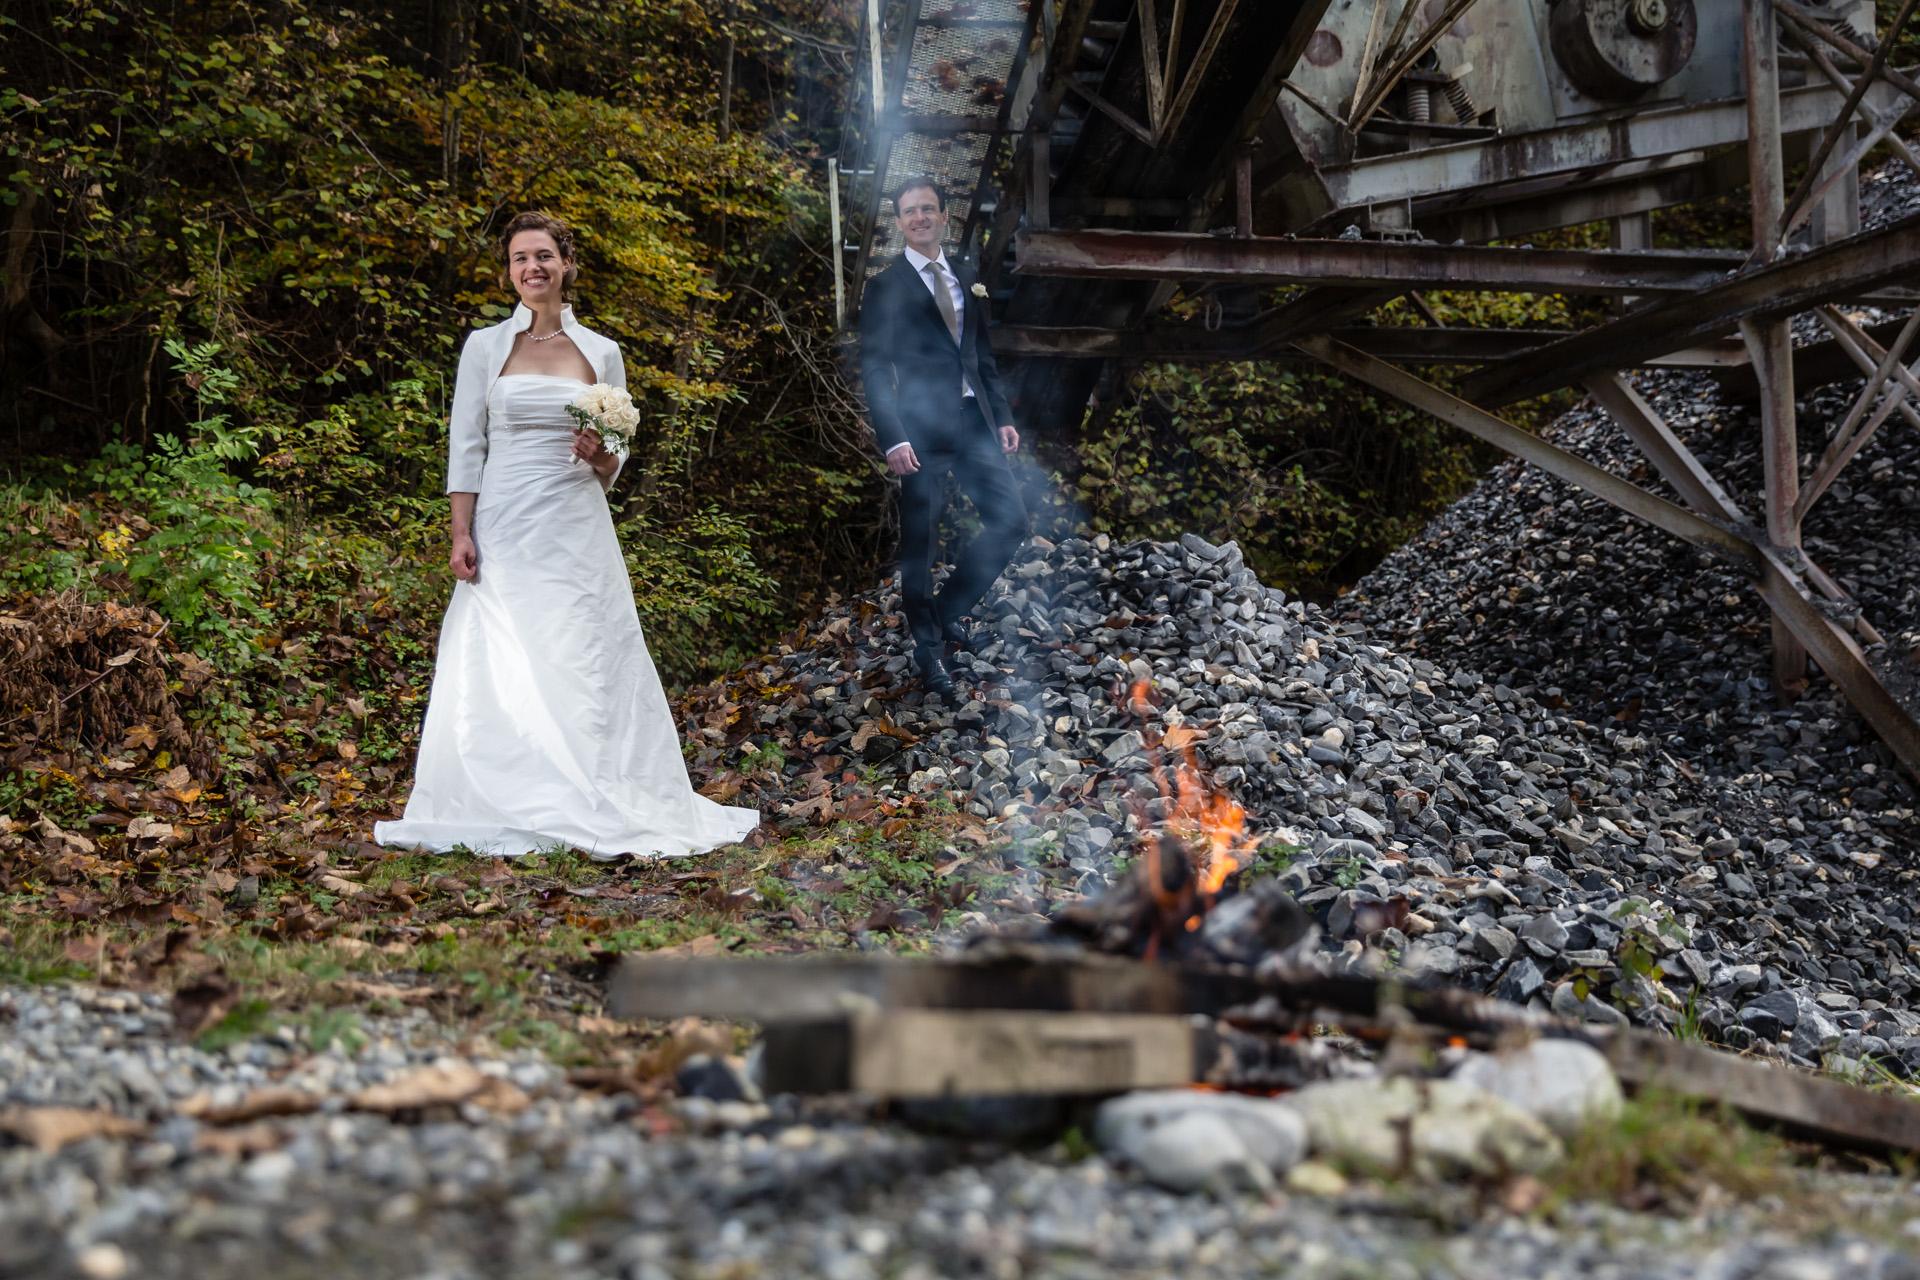 Einblick Hochzeit Steffi und Andi › salvatore porfido fotografie